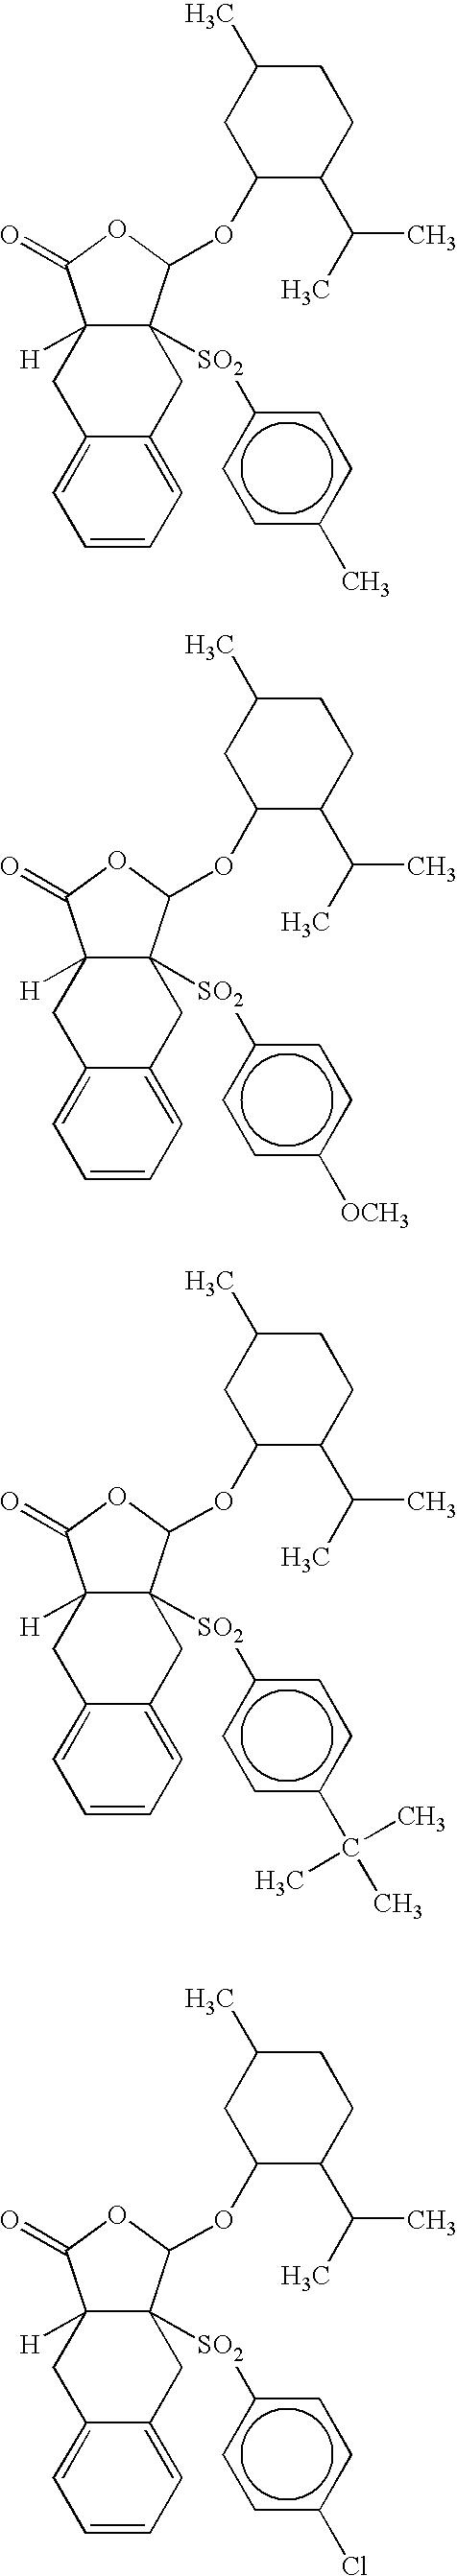 Figure US20040065227A1-20040408-C00041